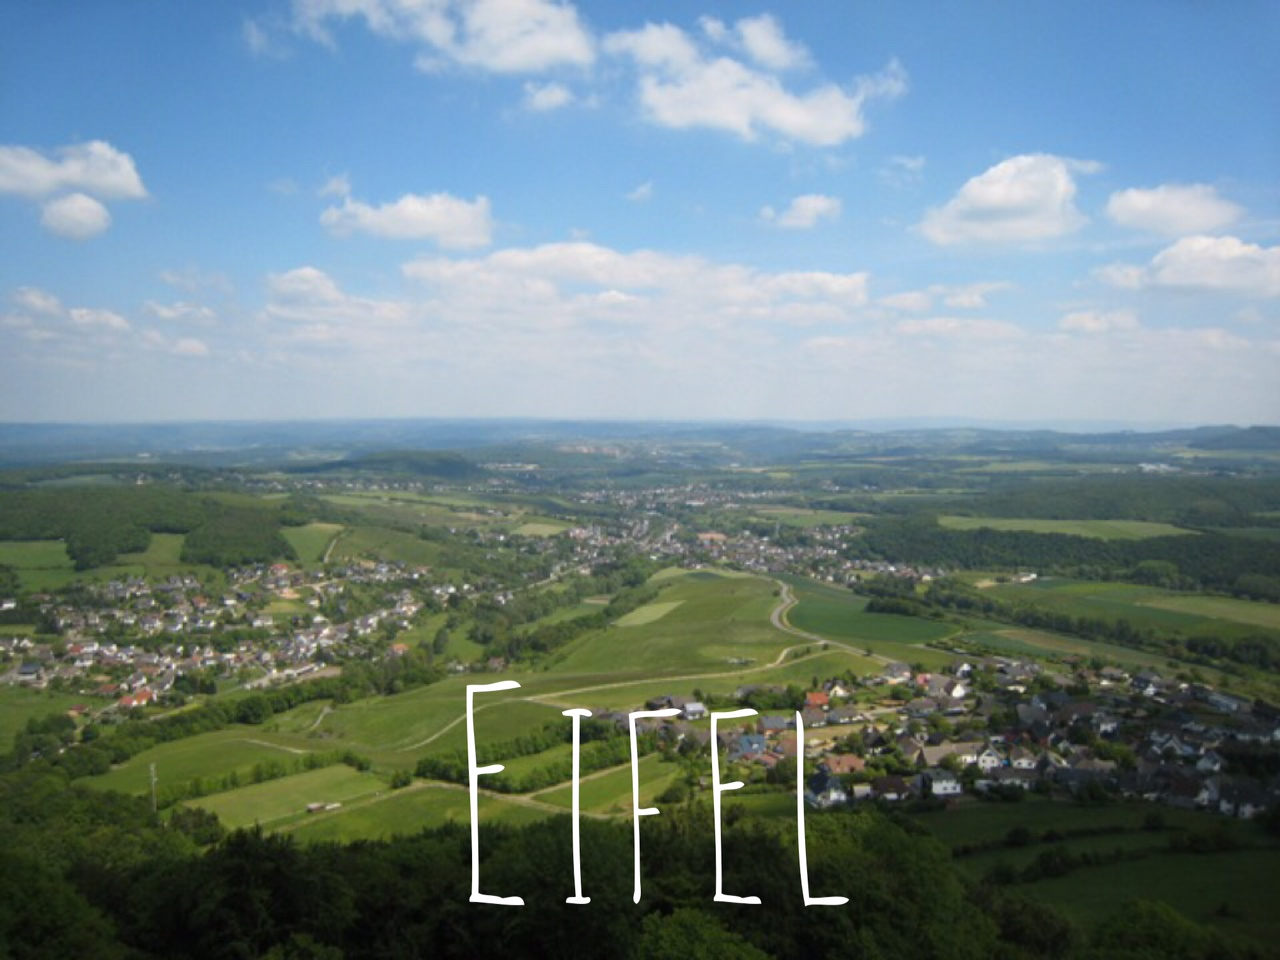 Tolle Ideen für ein Wochenende in der Eifel